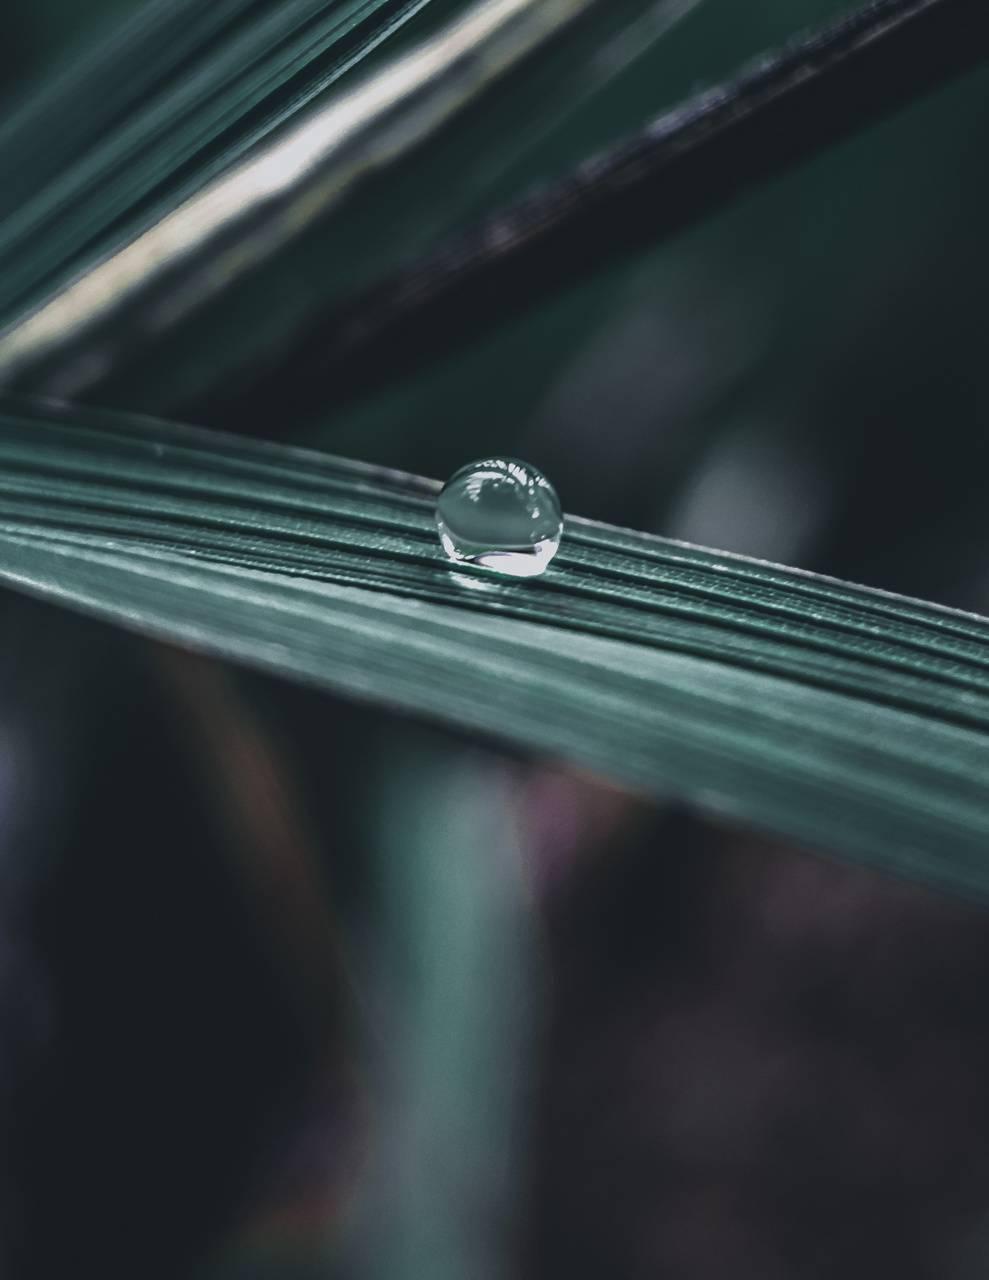 Watter Drop